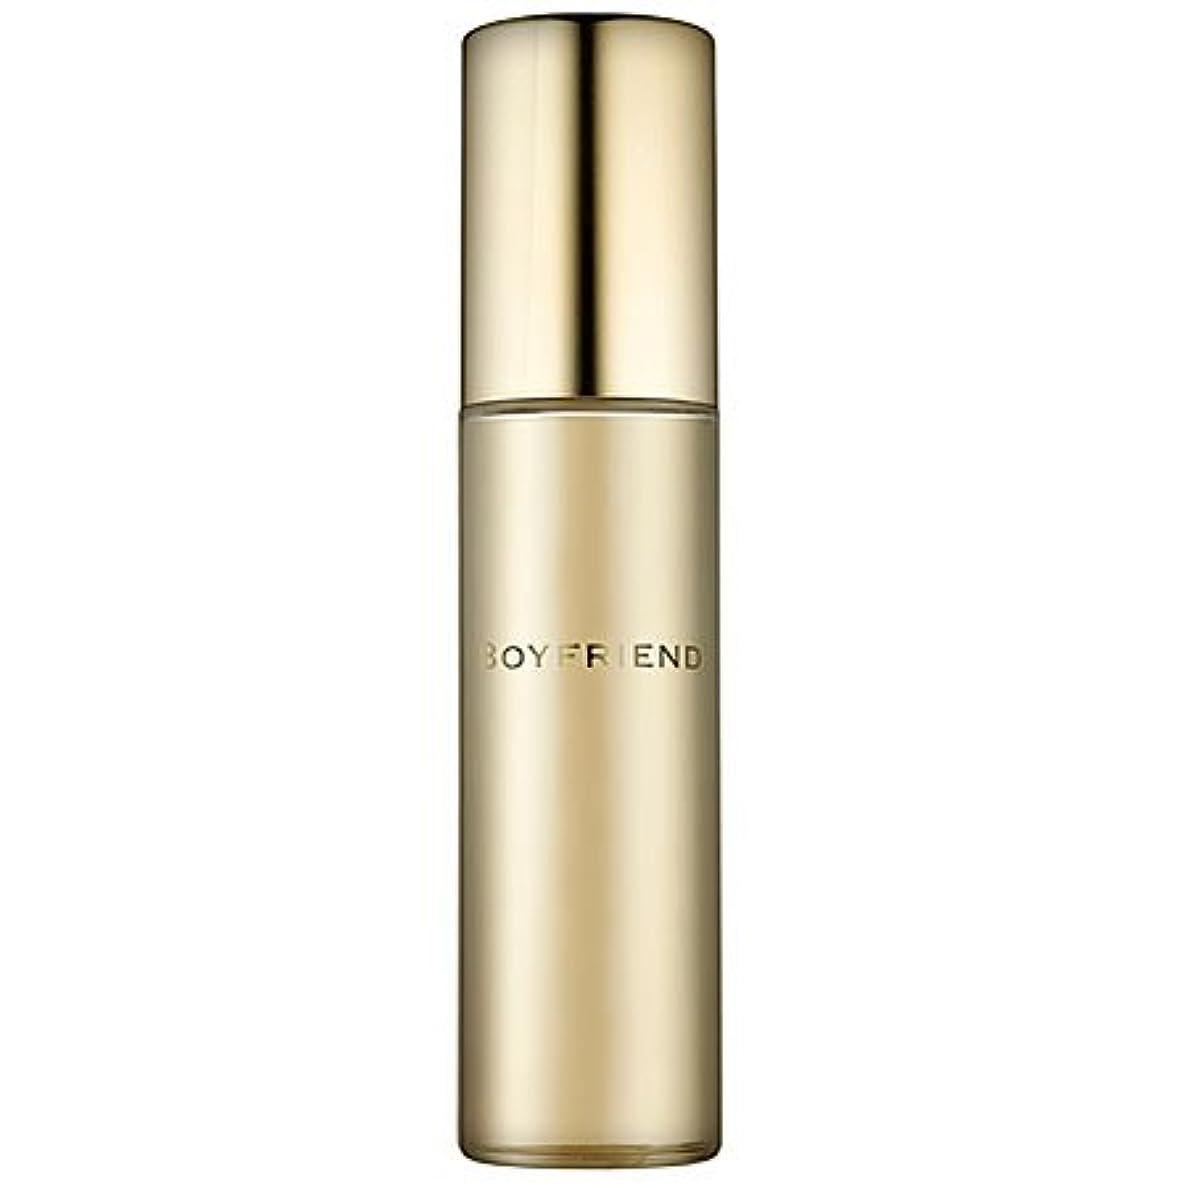 モールス信号コンドーム推進力Boyfriend (ボーイフレンド) 3.38 oz (100ml) Dry Body Oil Spray by Kate Walsh for Women